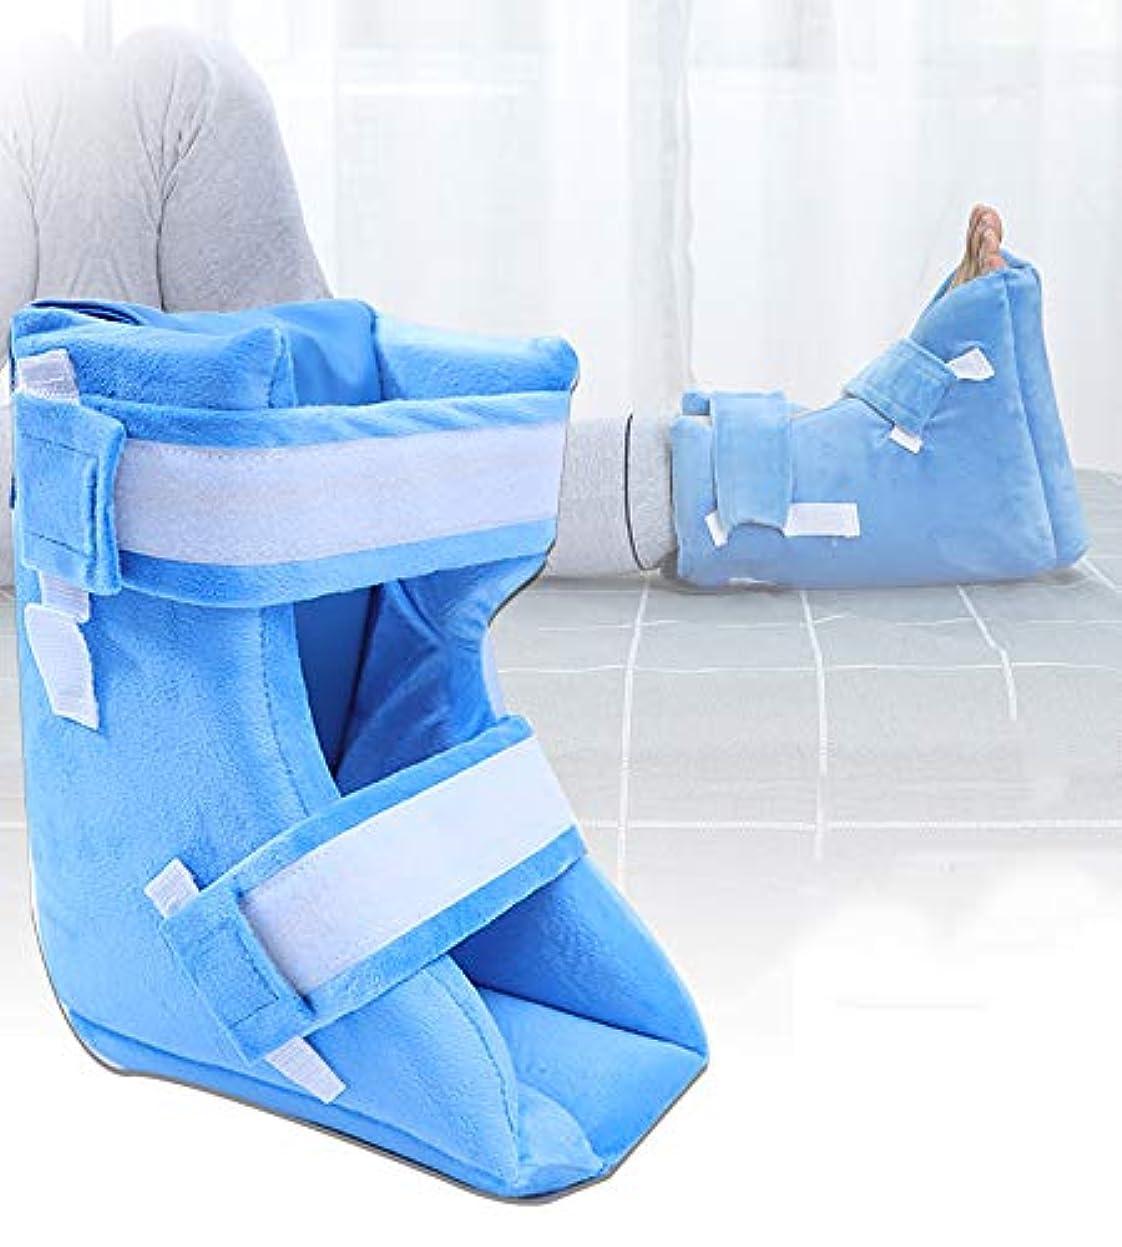 貫通する消毒剤事件、出来事通気性のスポンジを充填した足の枕のかかとのクッションプロテクター - 褥瘡&かかとの潰瘍の軽減のためのかかと&足の保護,1Pcs